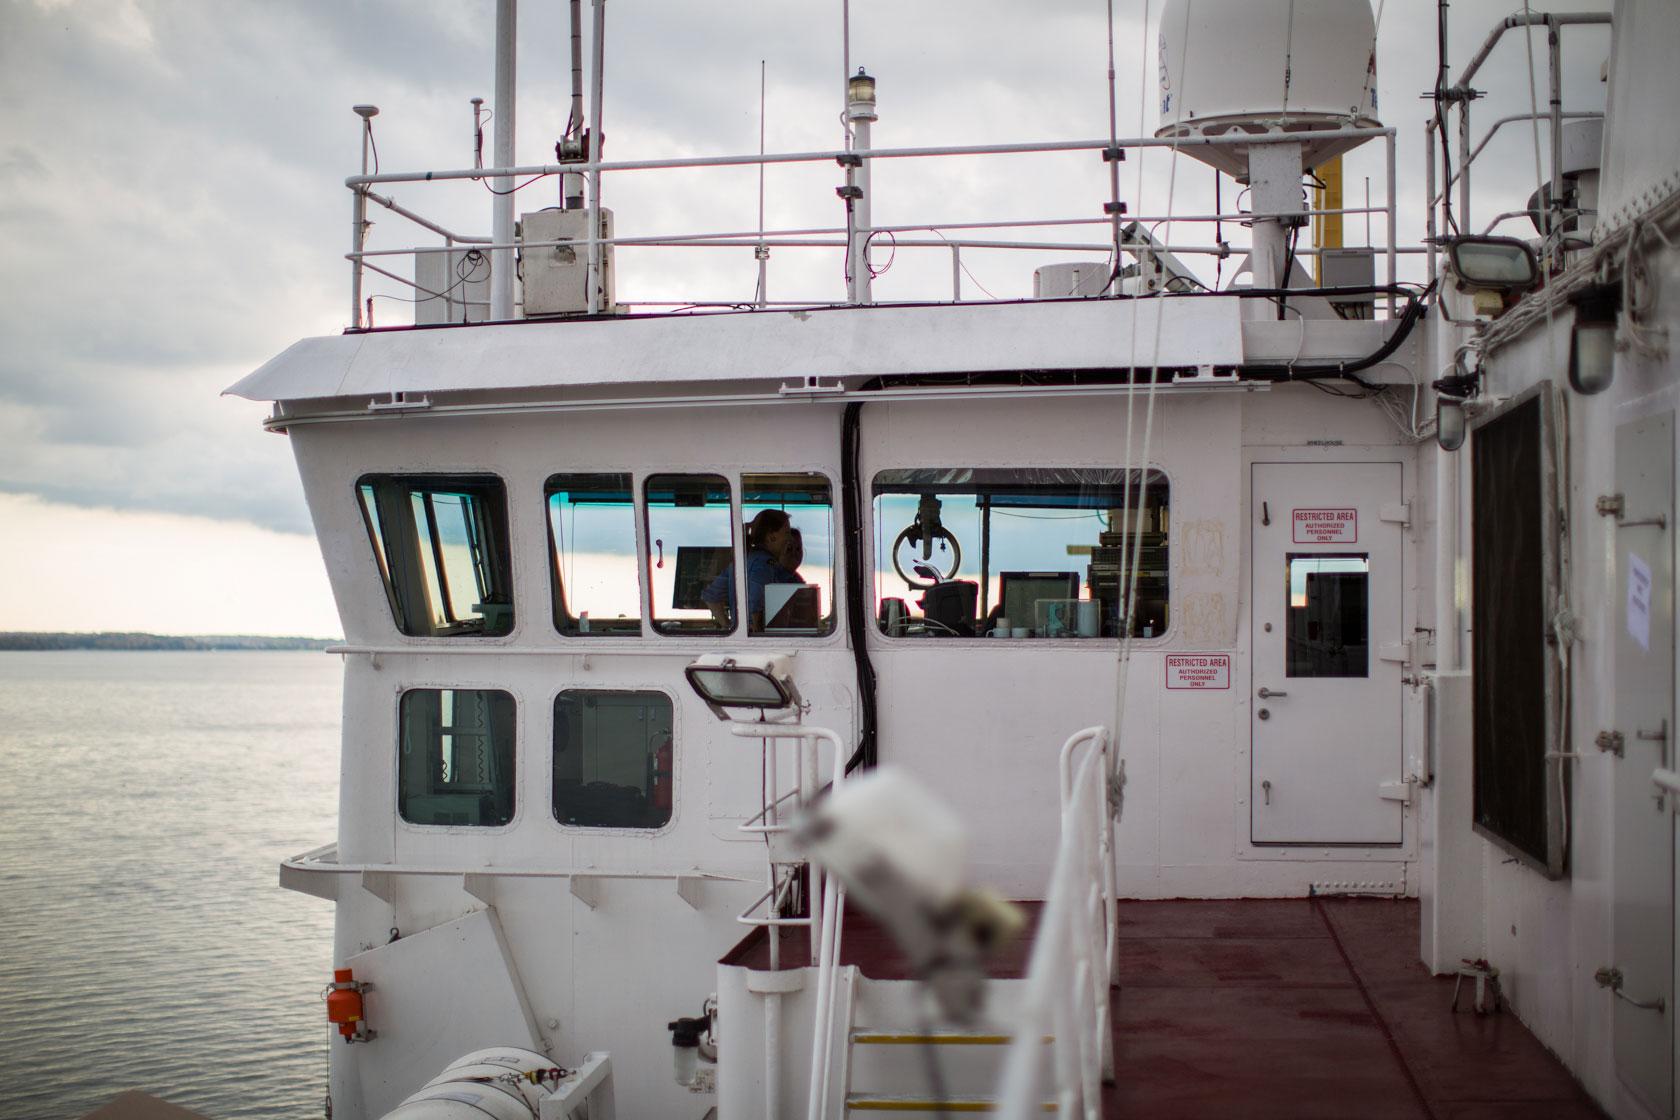 Système de protection contre les chutes pour la guarde côtière canadienne